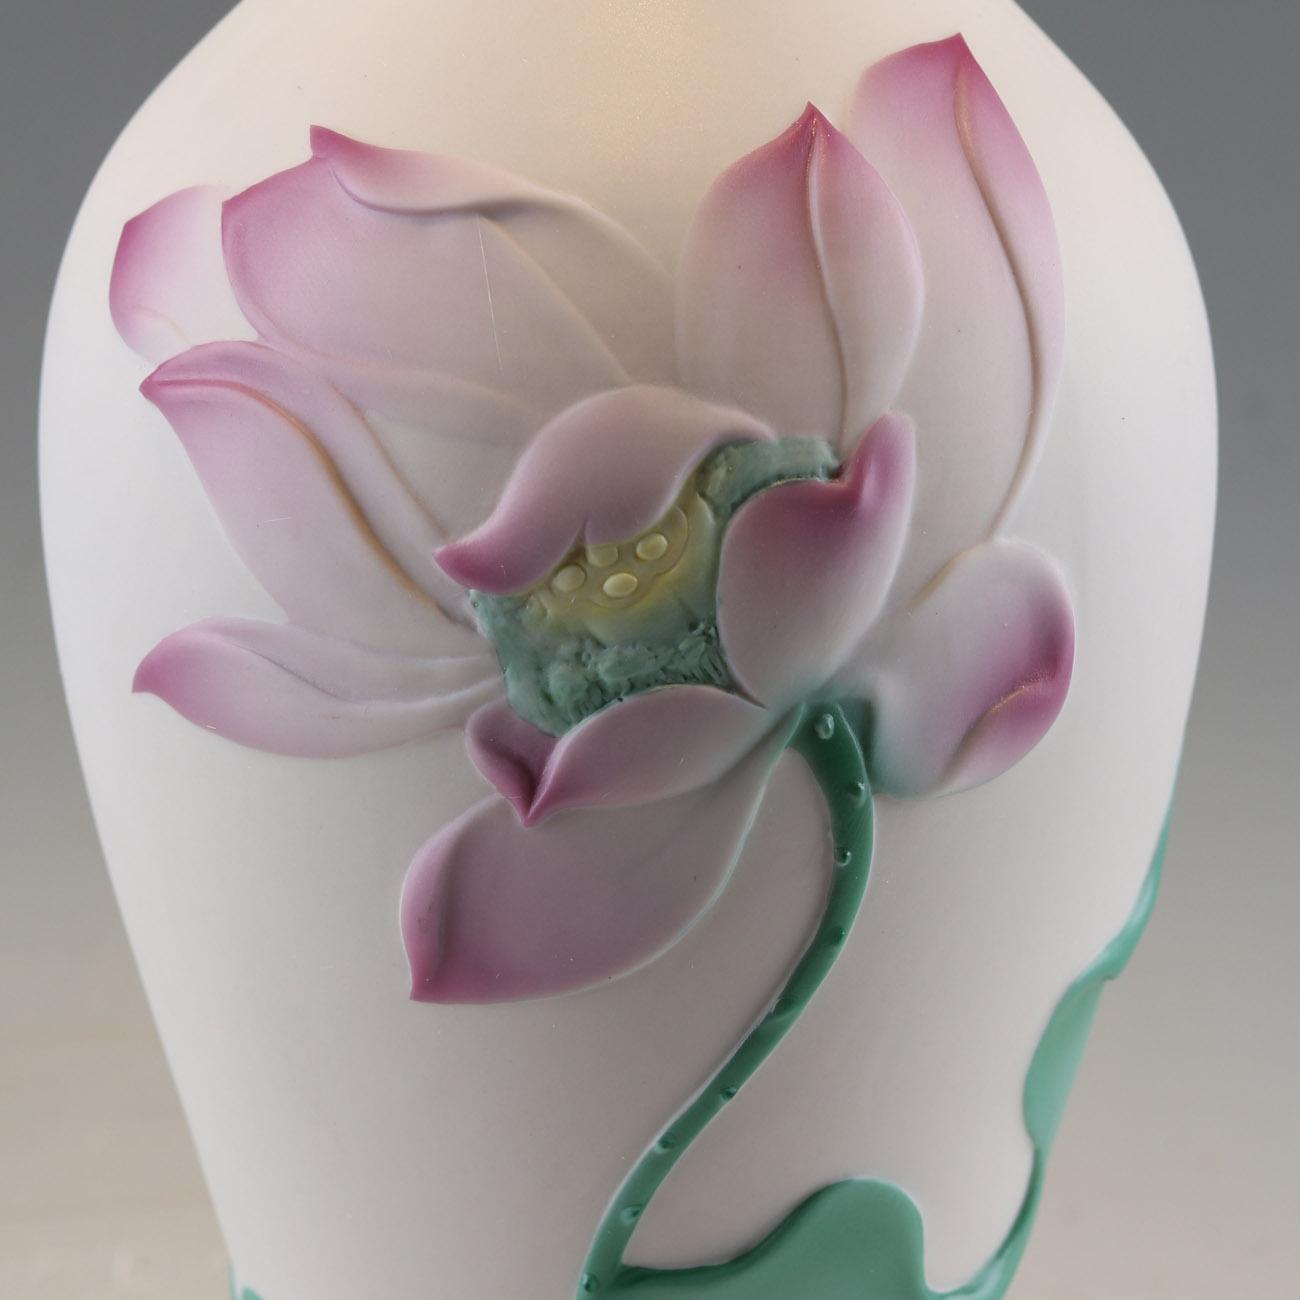 供应陶瓷莲花花瓶中式家居装饰品 2